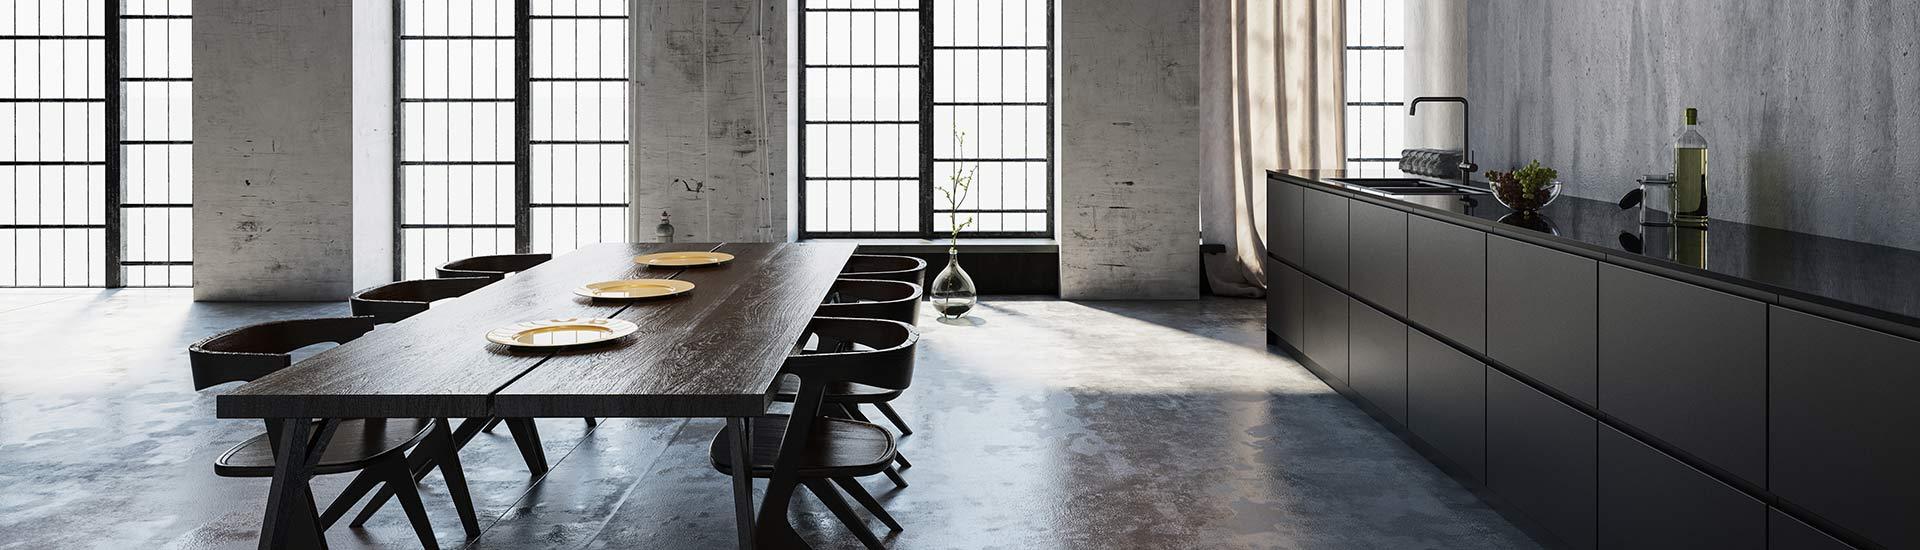 Moderne offene dunkle Küche